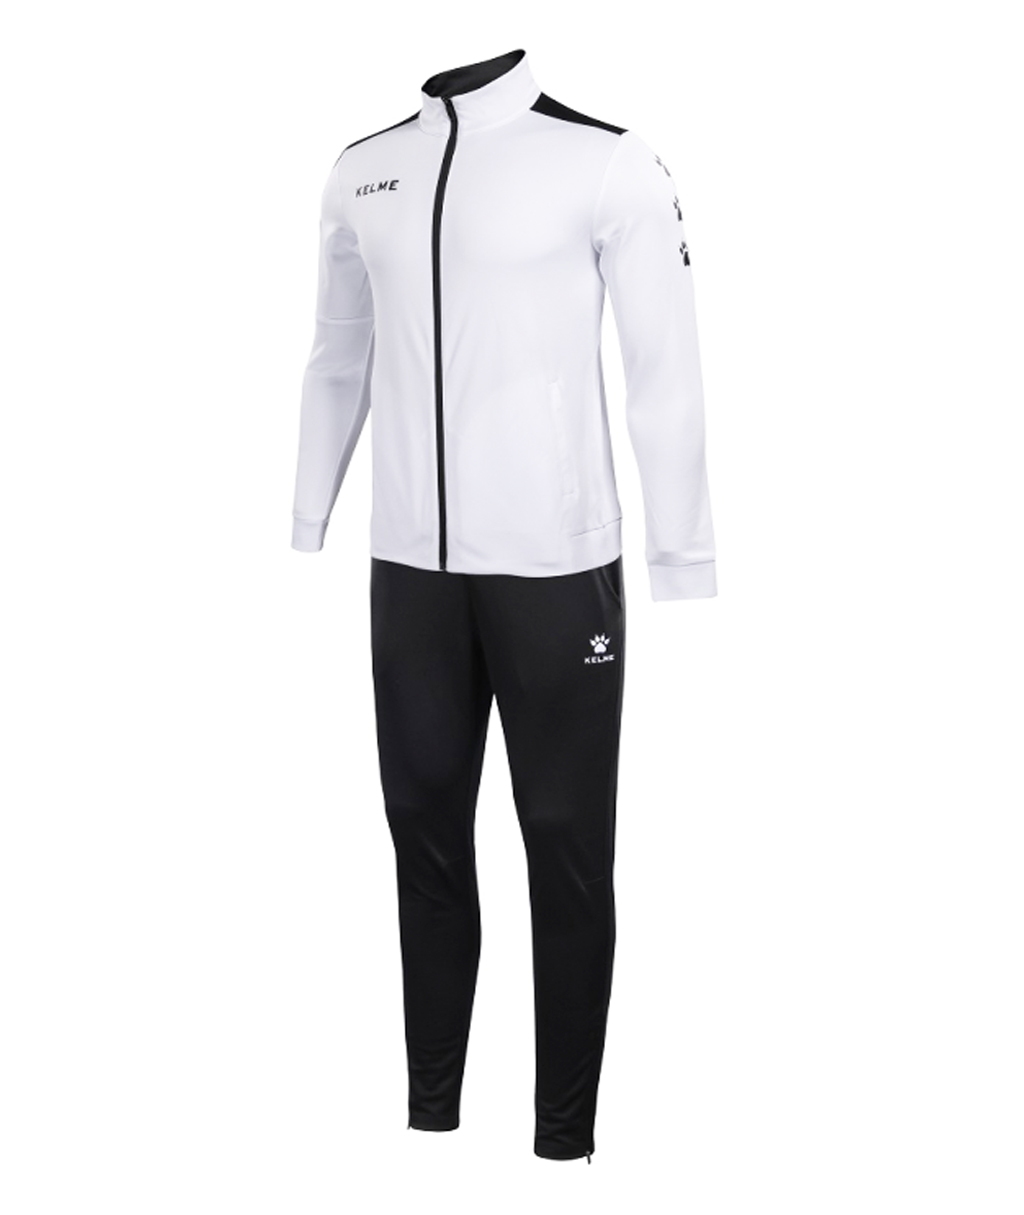 Купить белый спортивный костюм Kelme Tracksuit 3771200-103 в интернет-магазине